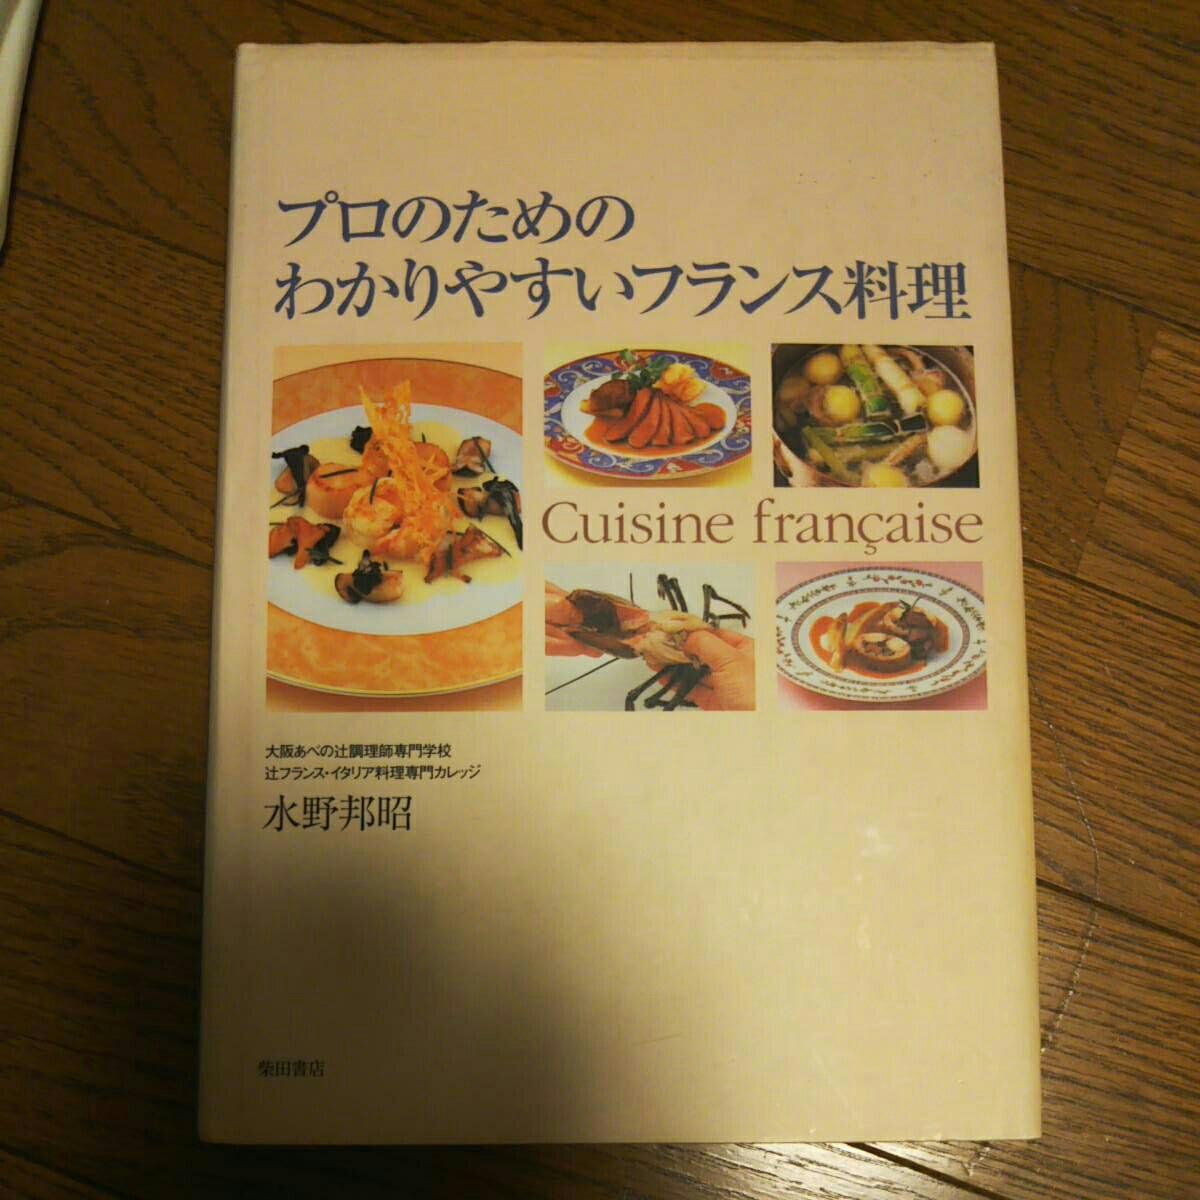 専門 レシピ 調理 学校 師 辻